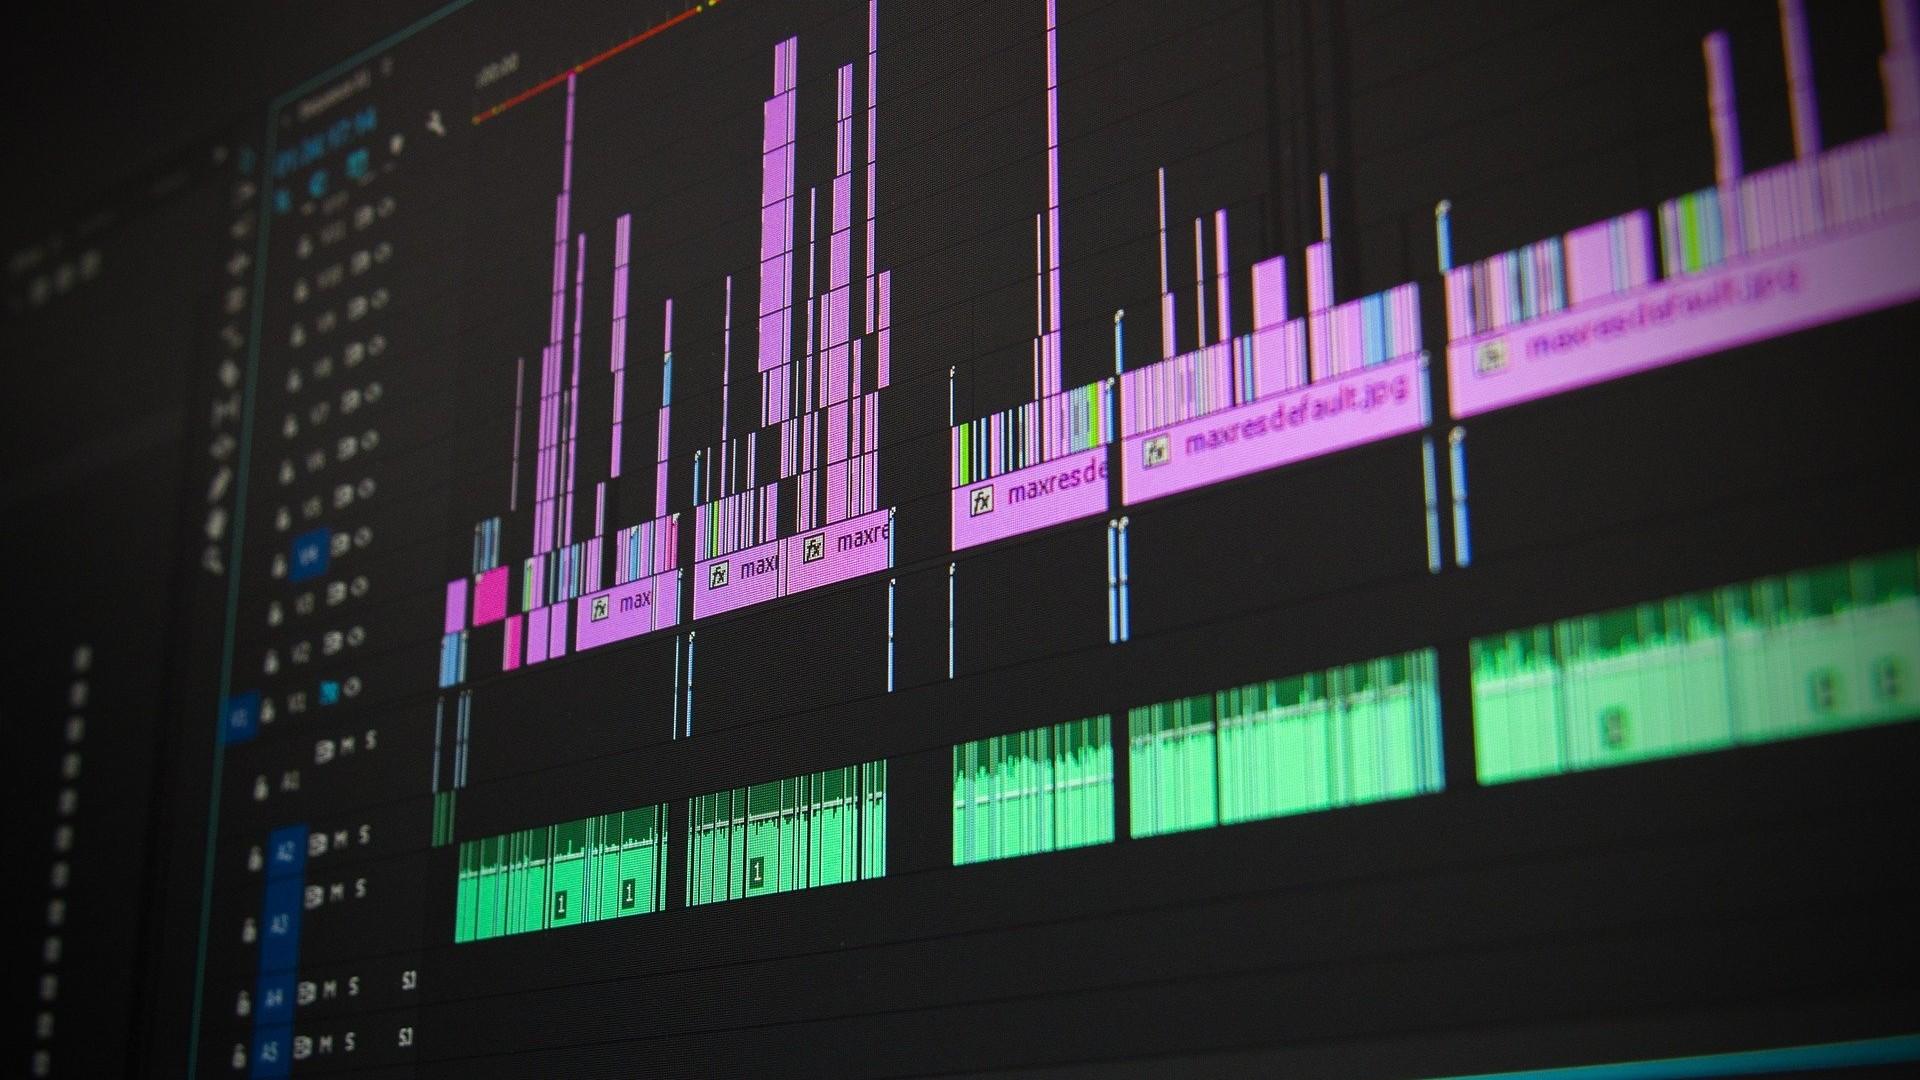 Producción de contenido | Studio MIOS